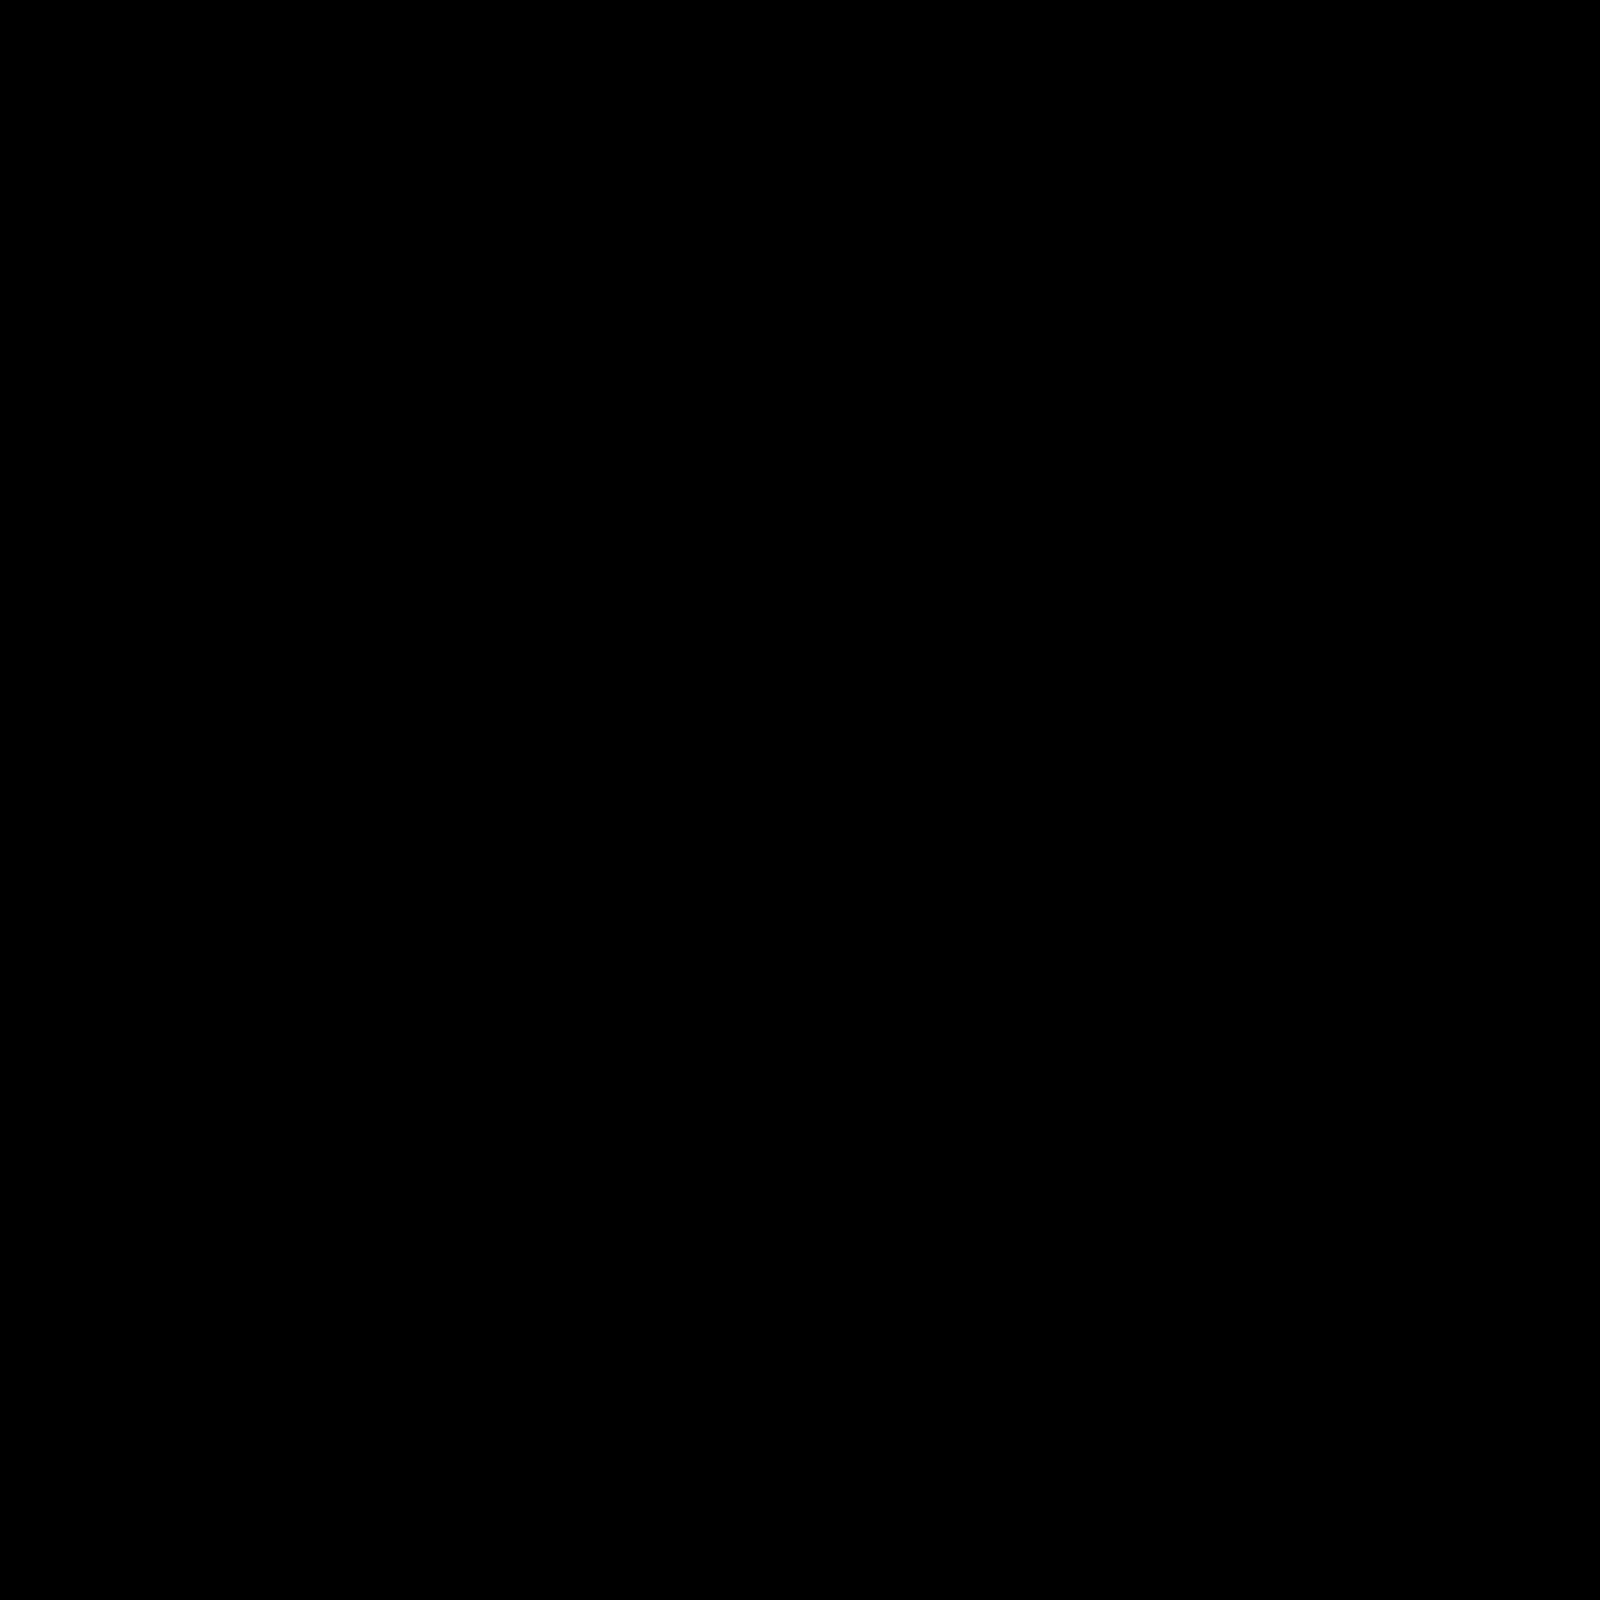 Картинки векторные пнг